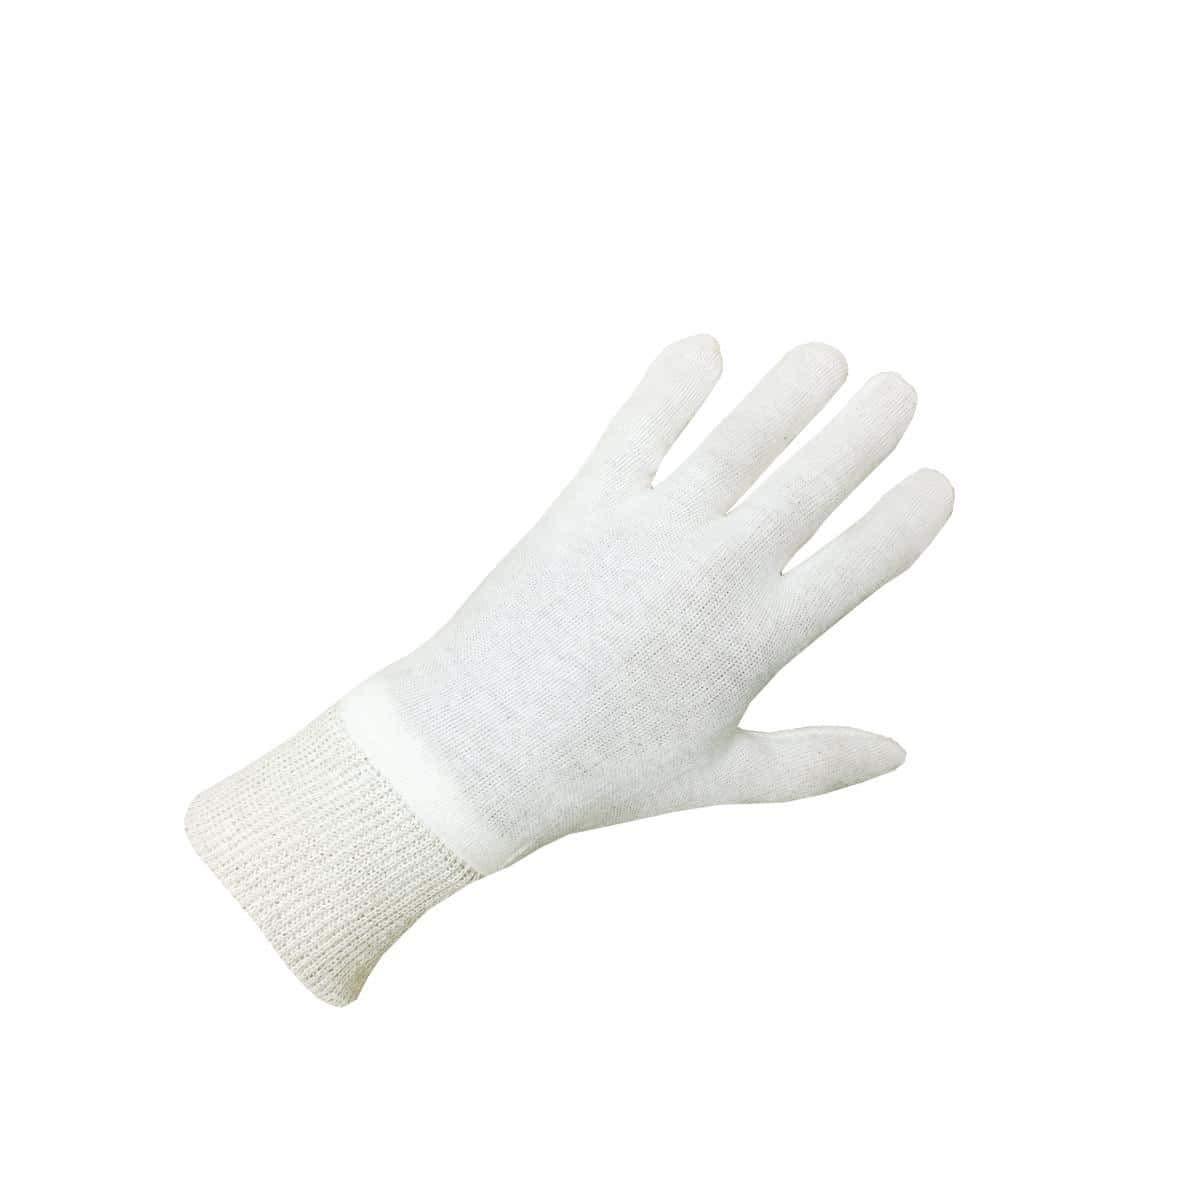 Guantes de algodón Beige Talla XL/10 EP 4105: Amazon.es: Bricolaje y herramientas